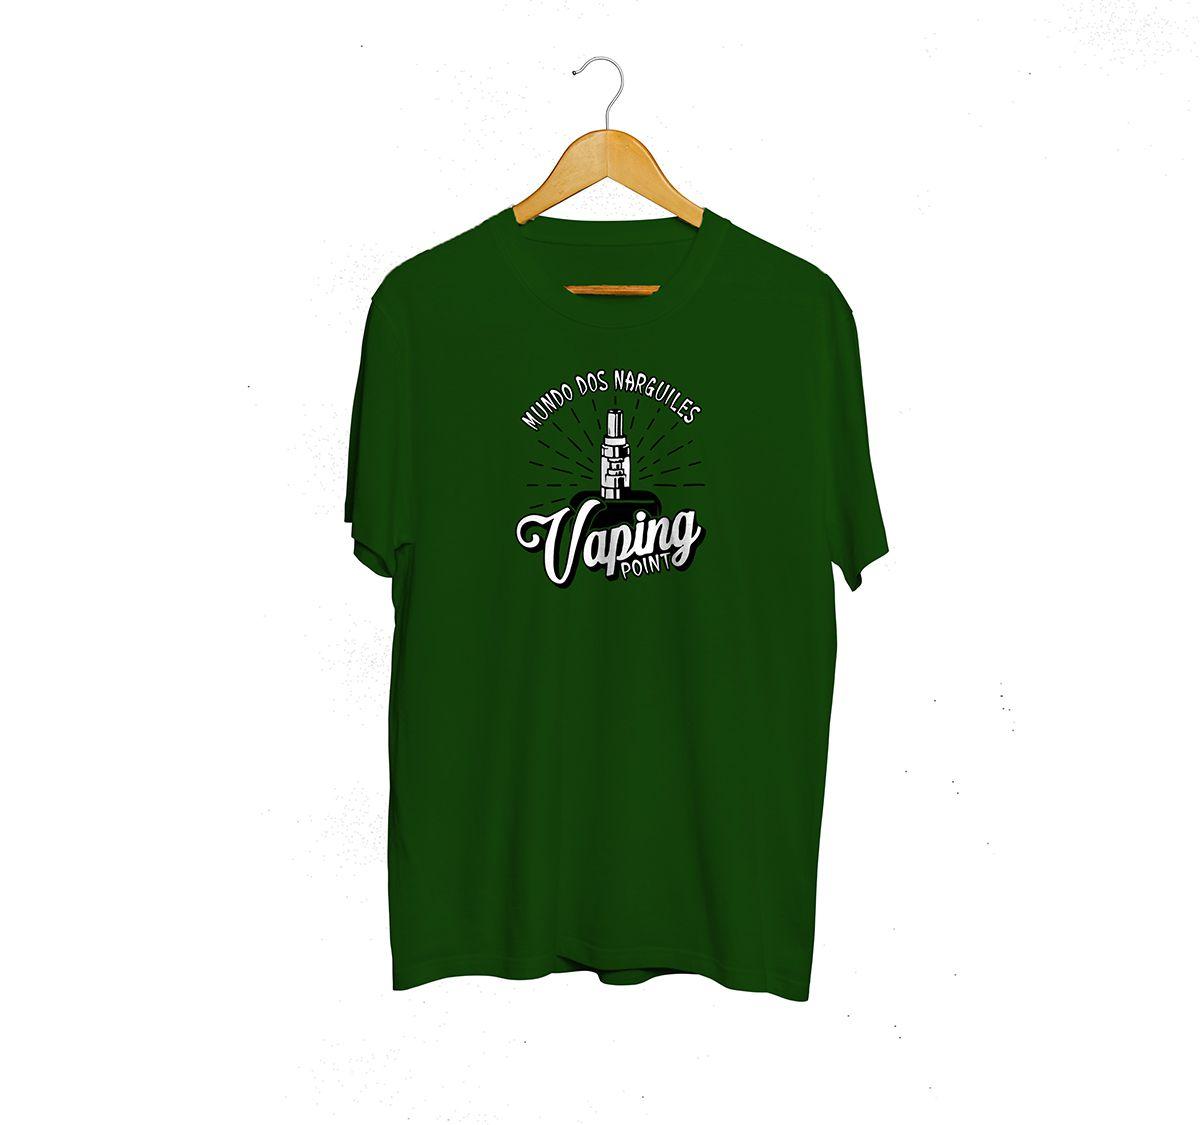 Camiseta Tshirts Verde - Estampa Vaping Point